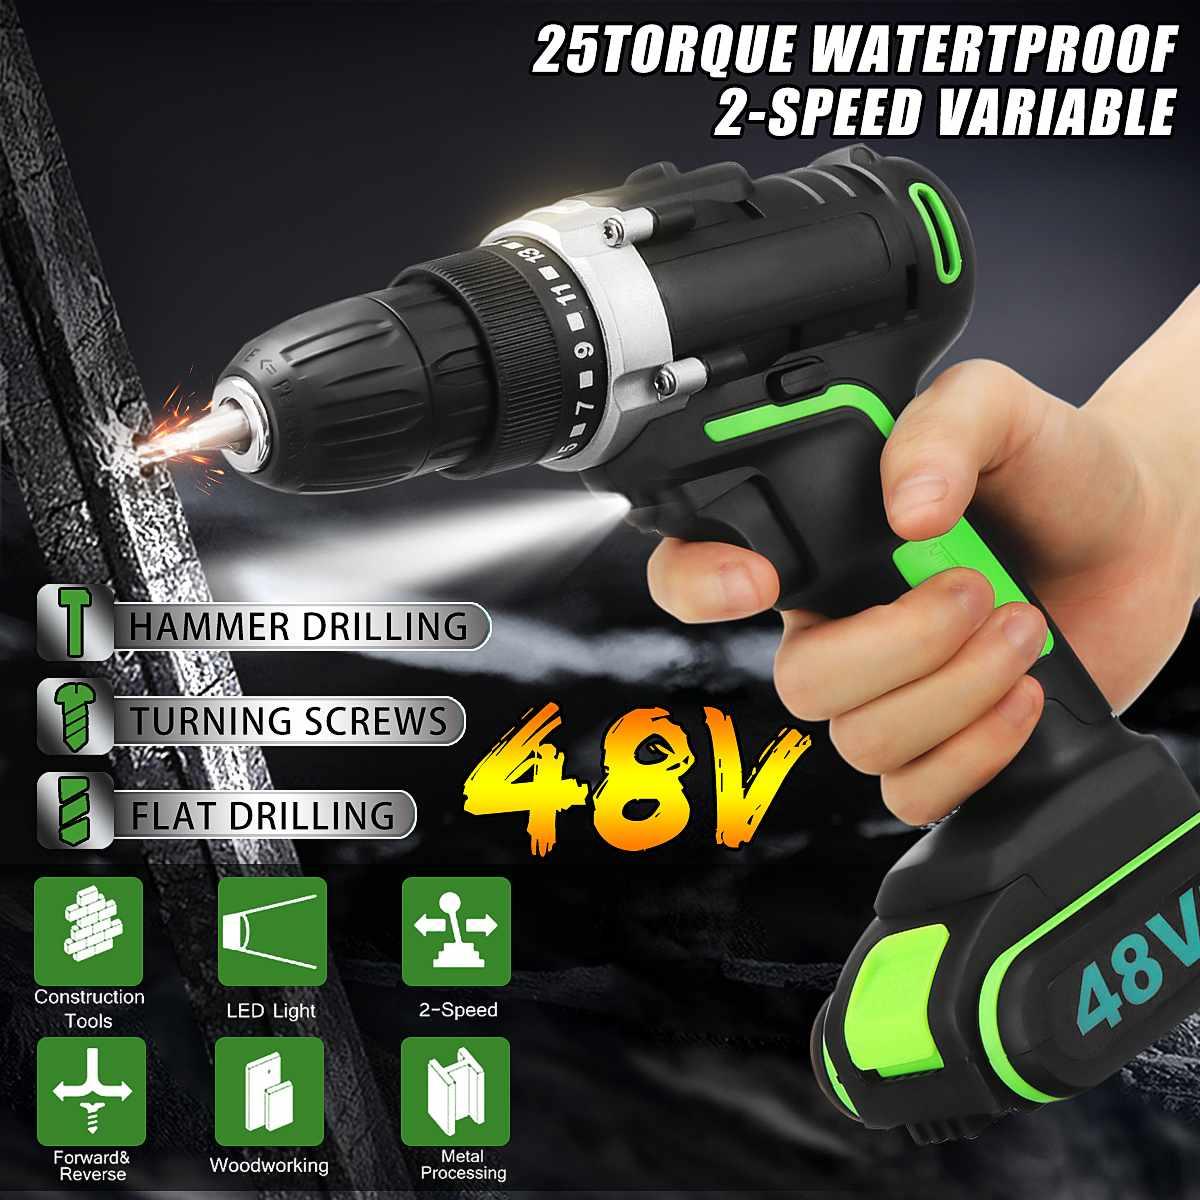 48V Sem Fio Furadeira Elétrica Martelo Chave Ferramentas Chave De Fenda De Ajuste de Velocidade Dupla CONDUZIU a iluminação Ferramentas de Carpintaria